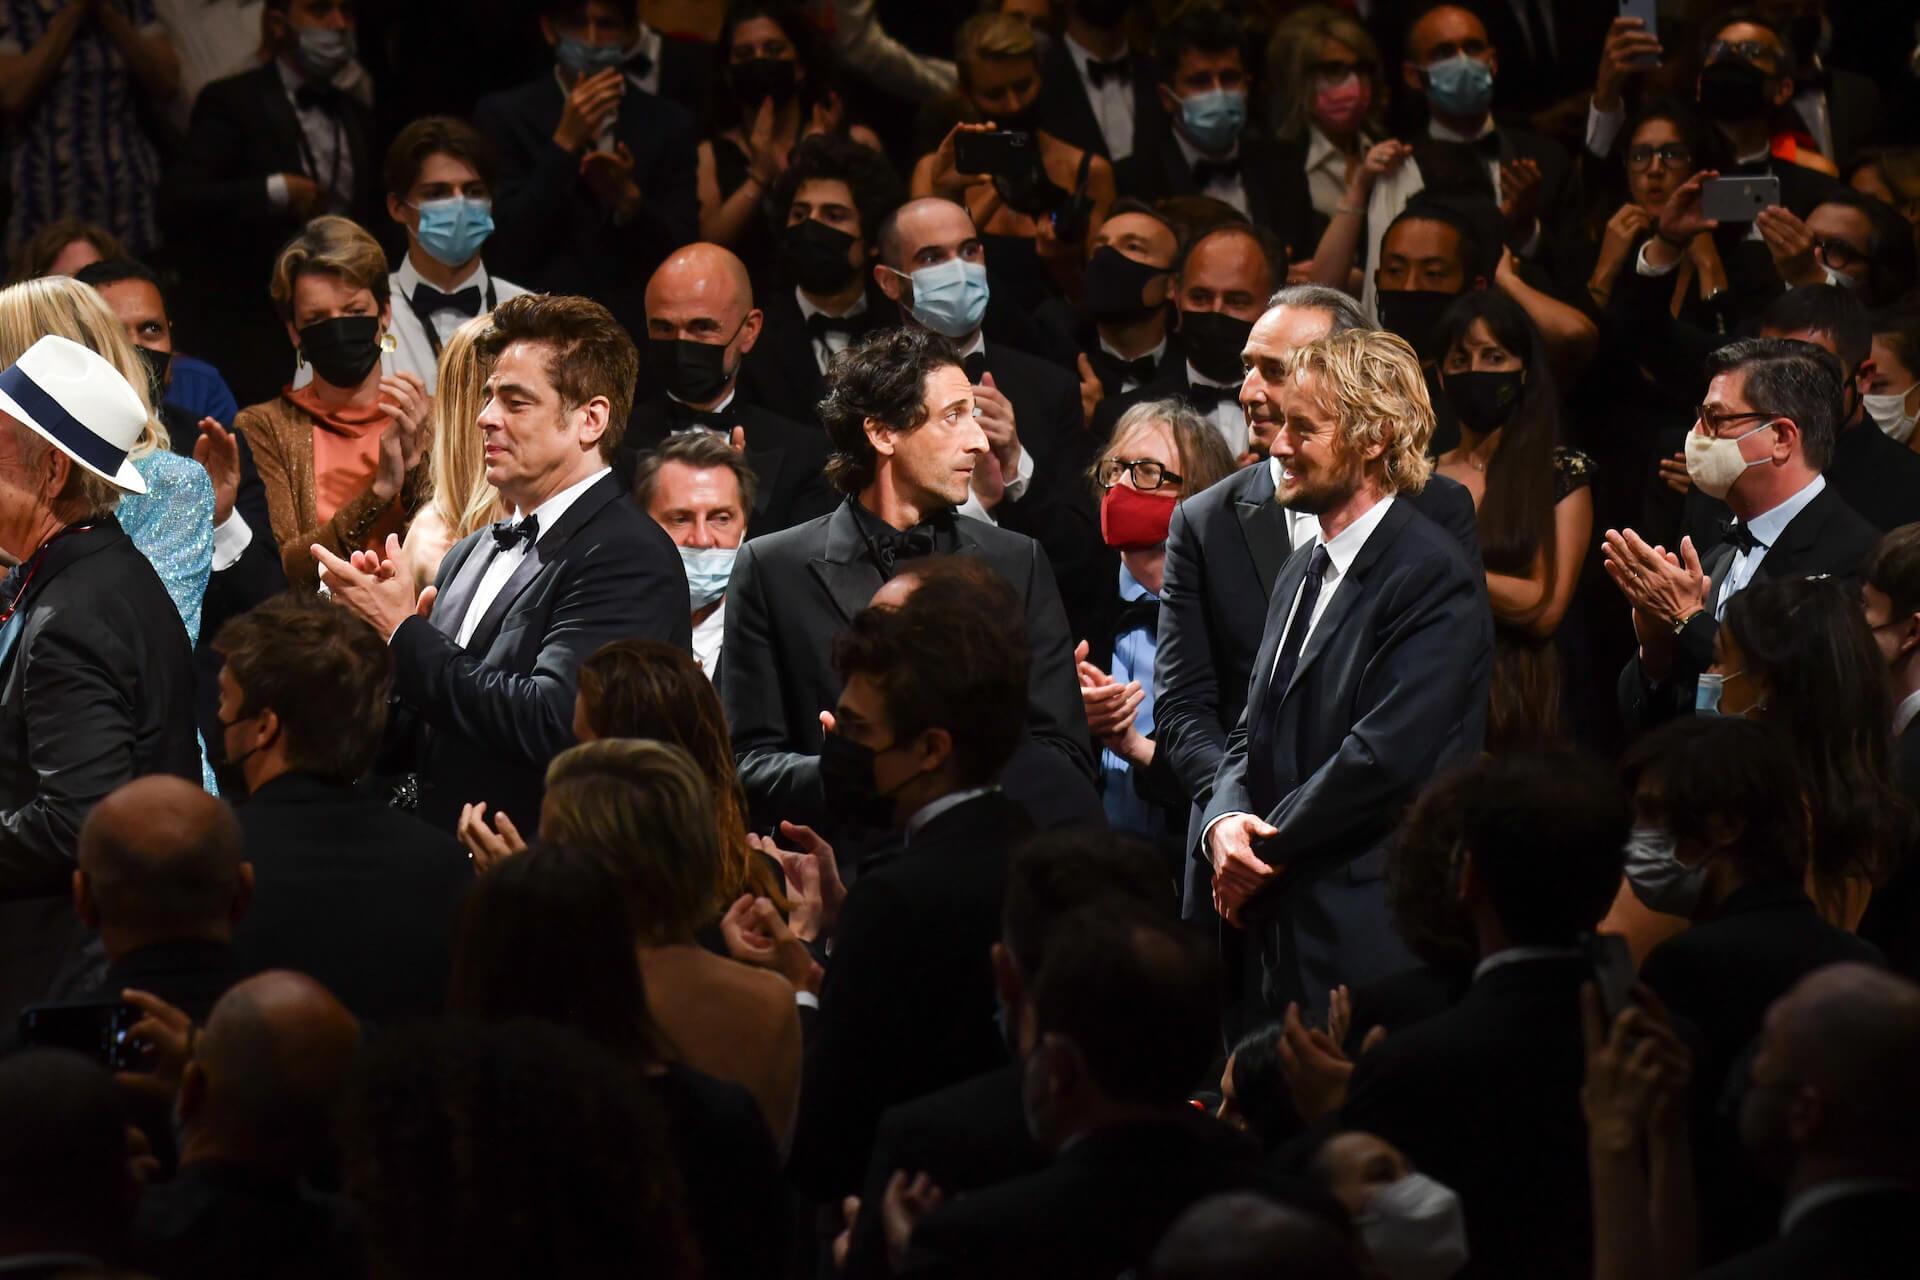 ウェス・アンダーソン監督最新作『フレンチ・ディスパッチ』がカンヌ国際映画祭・コンペティション部門正式出品!ティモシー・シャラメらも集うレッド・カーペットの写真が公開 film210713_thefrenchdispatch_8